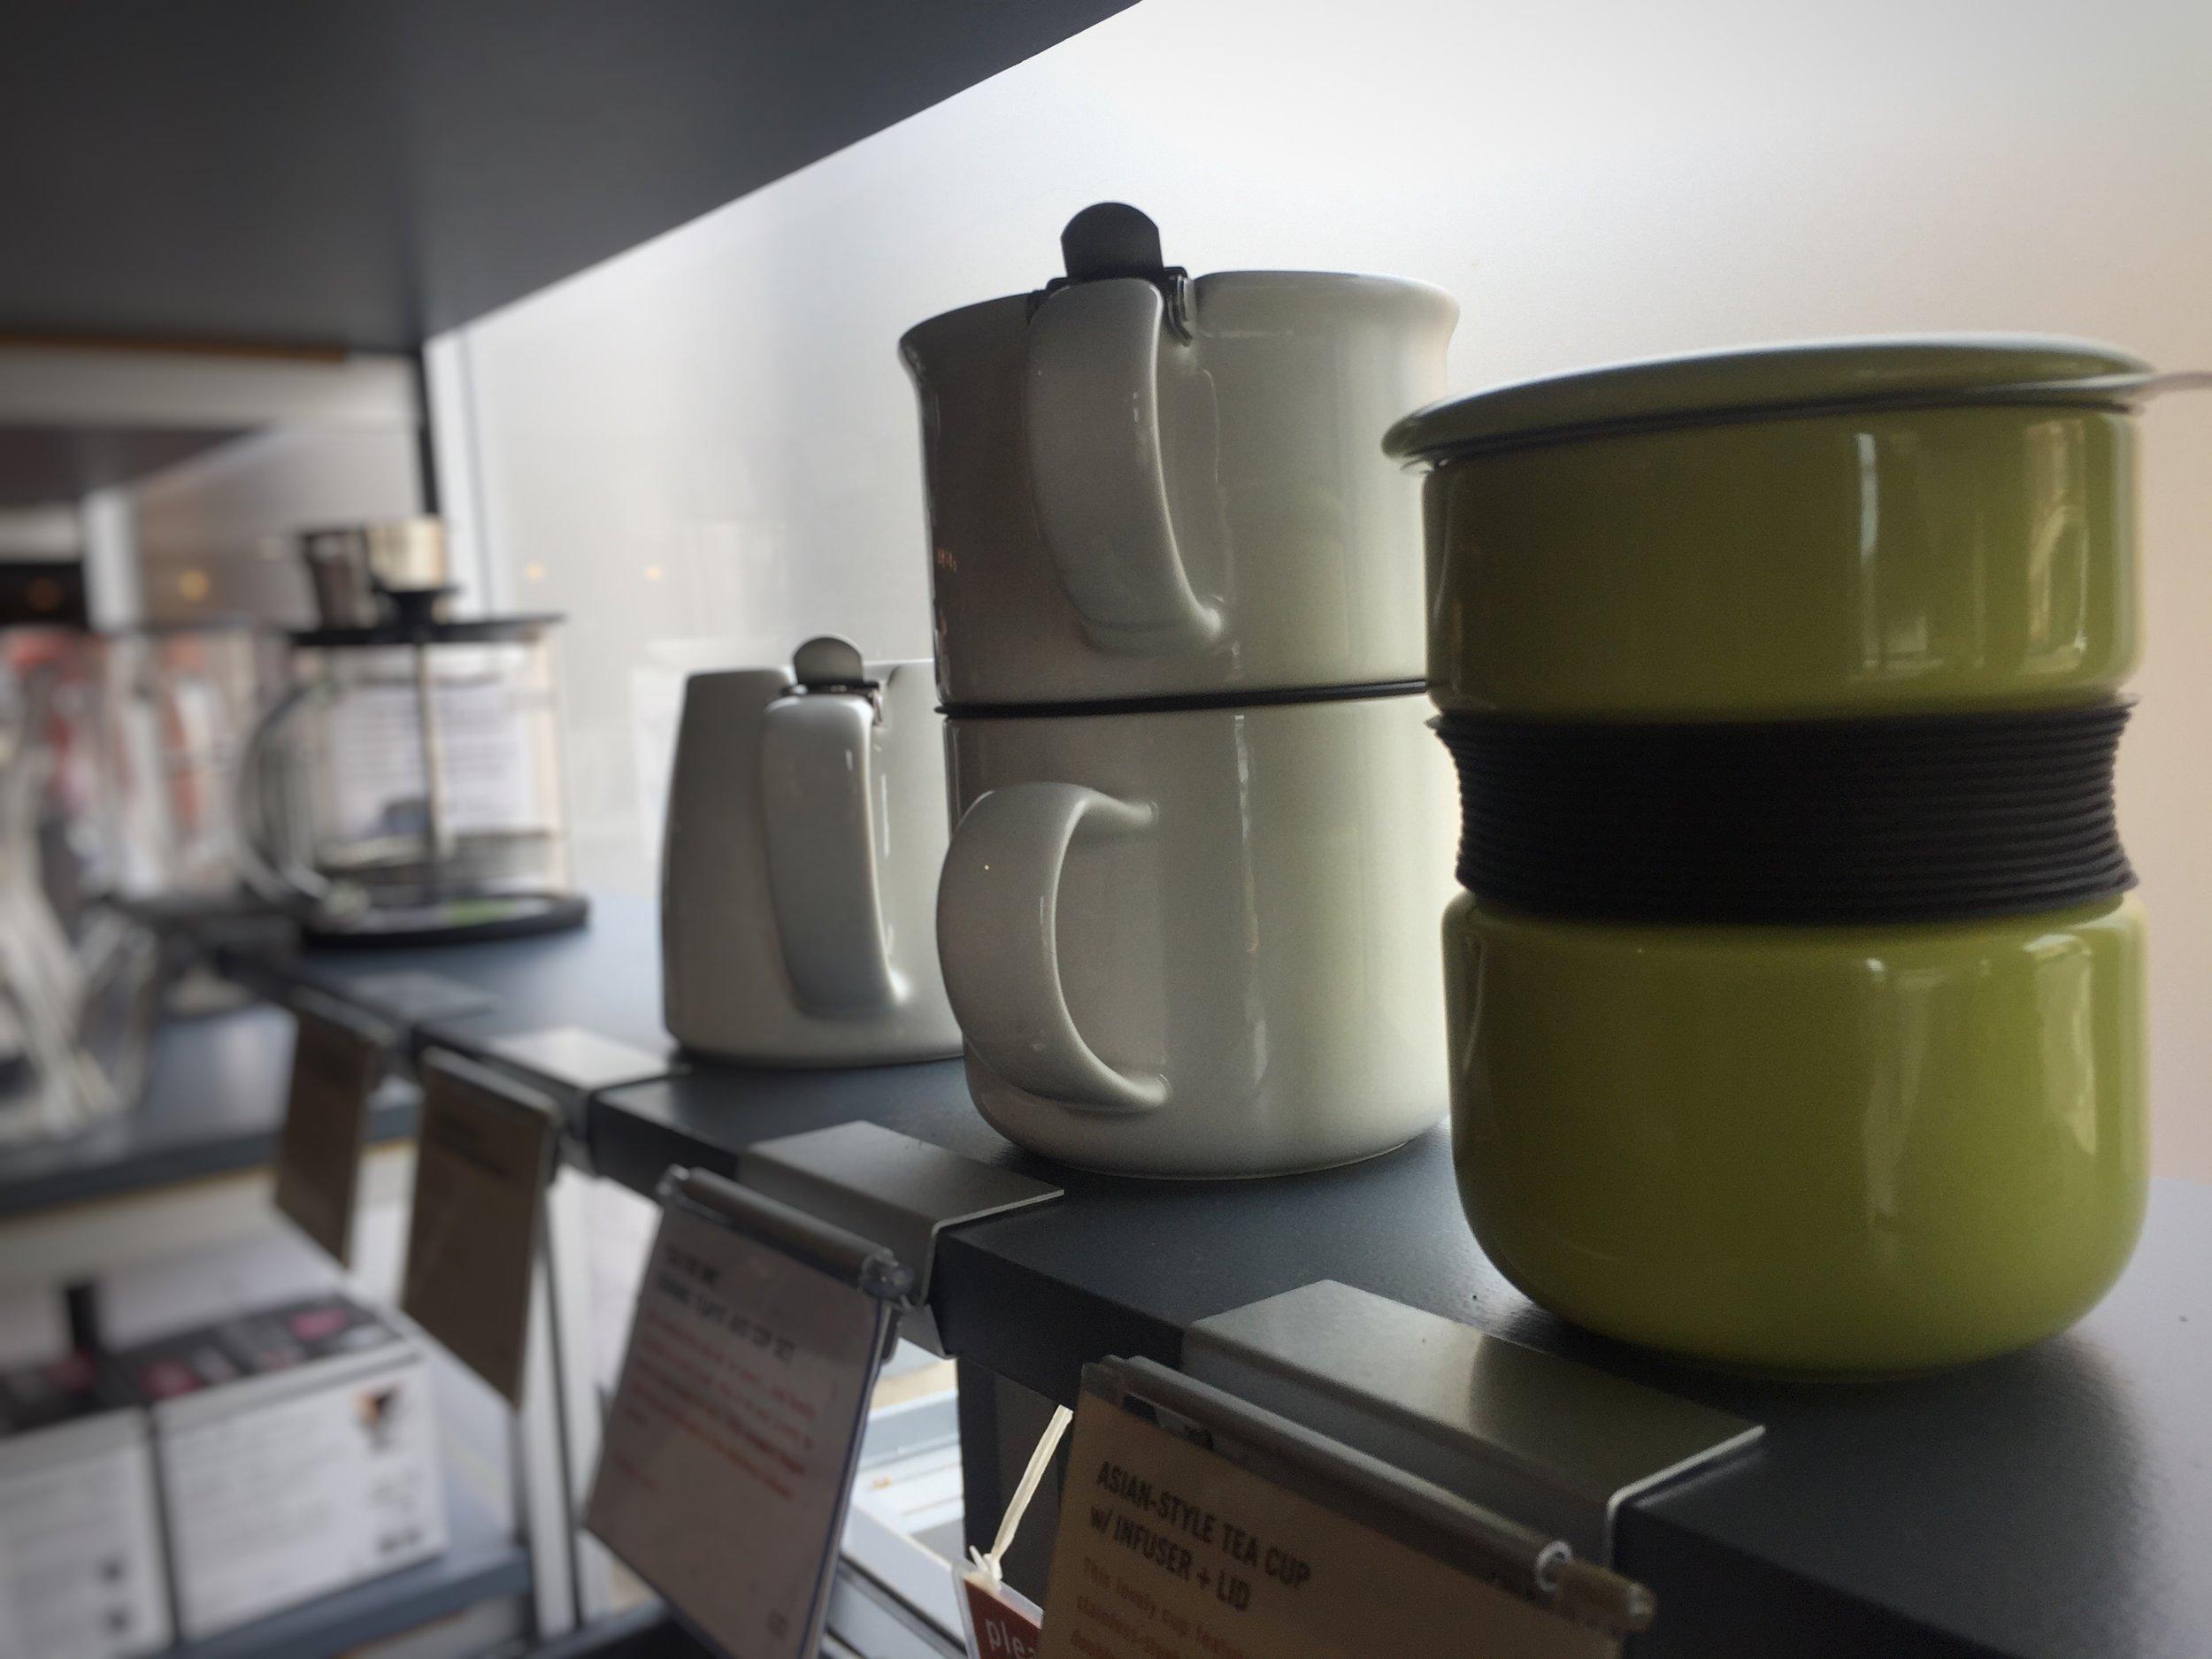 thecoffeestudio_tea-product-shelf-2.JPG